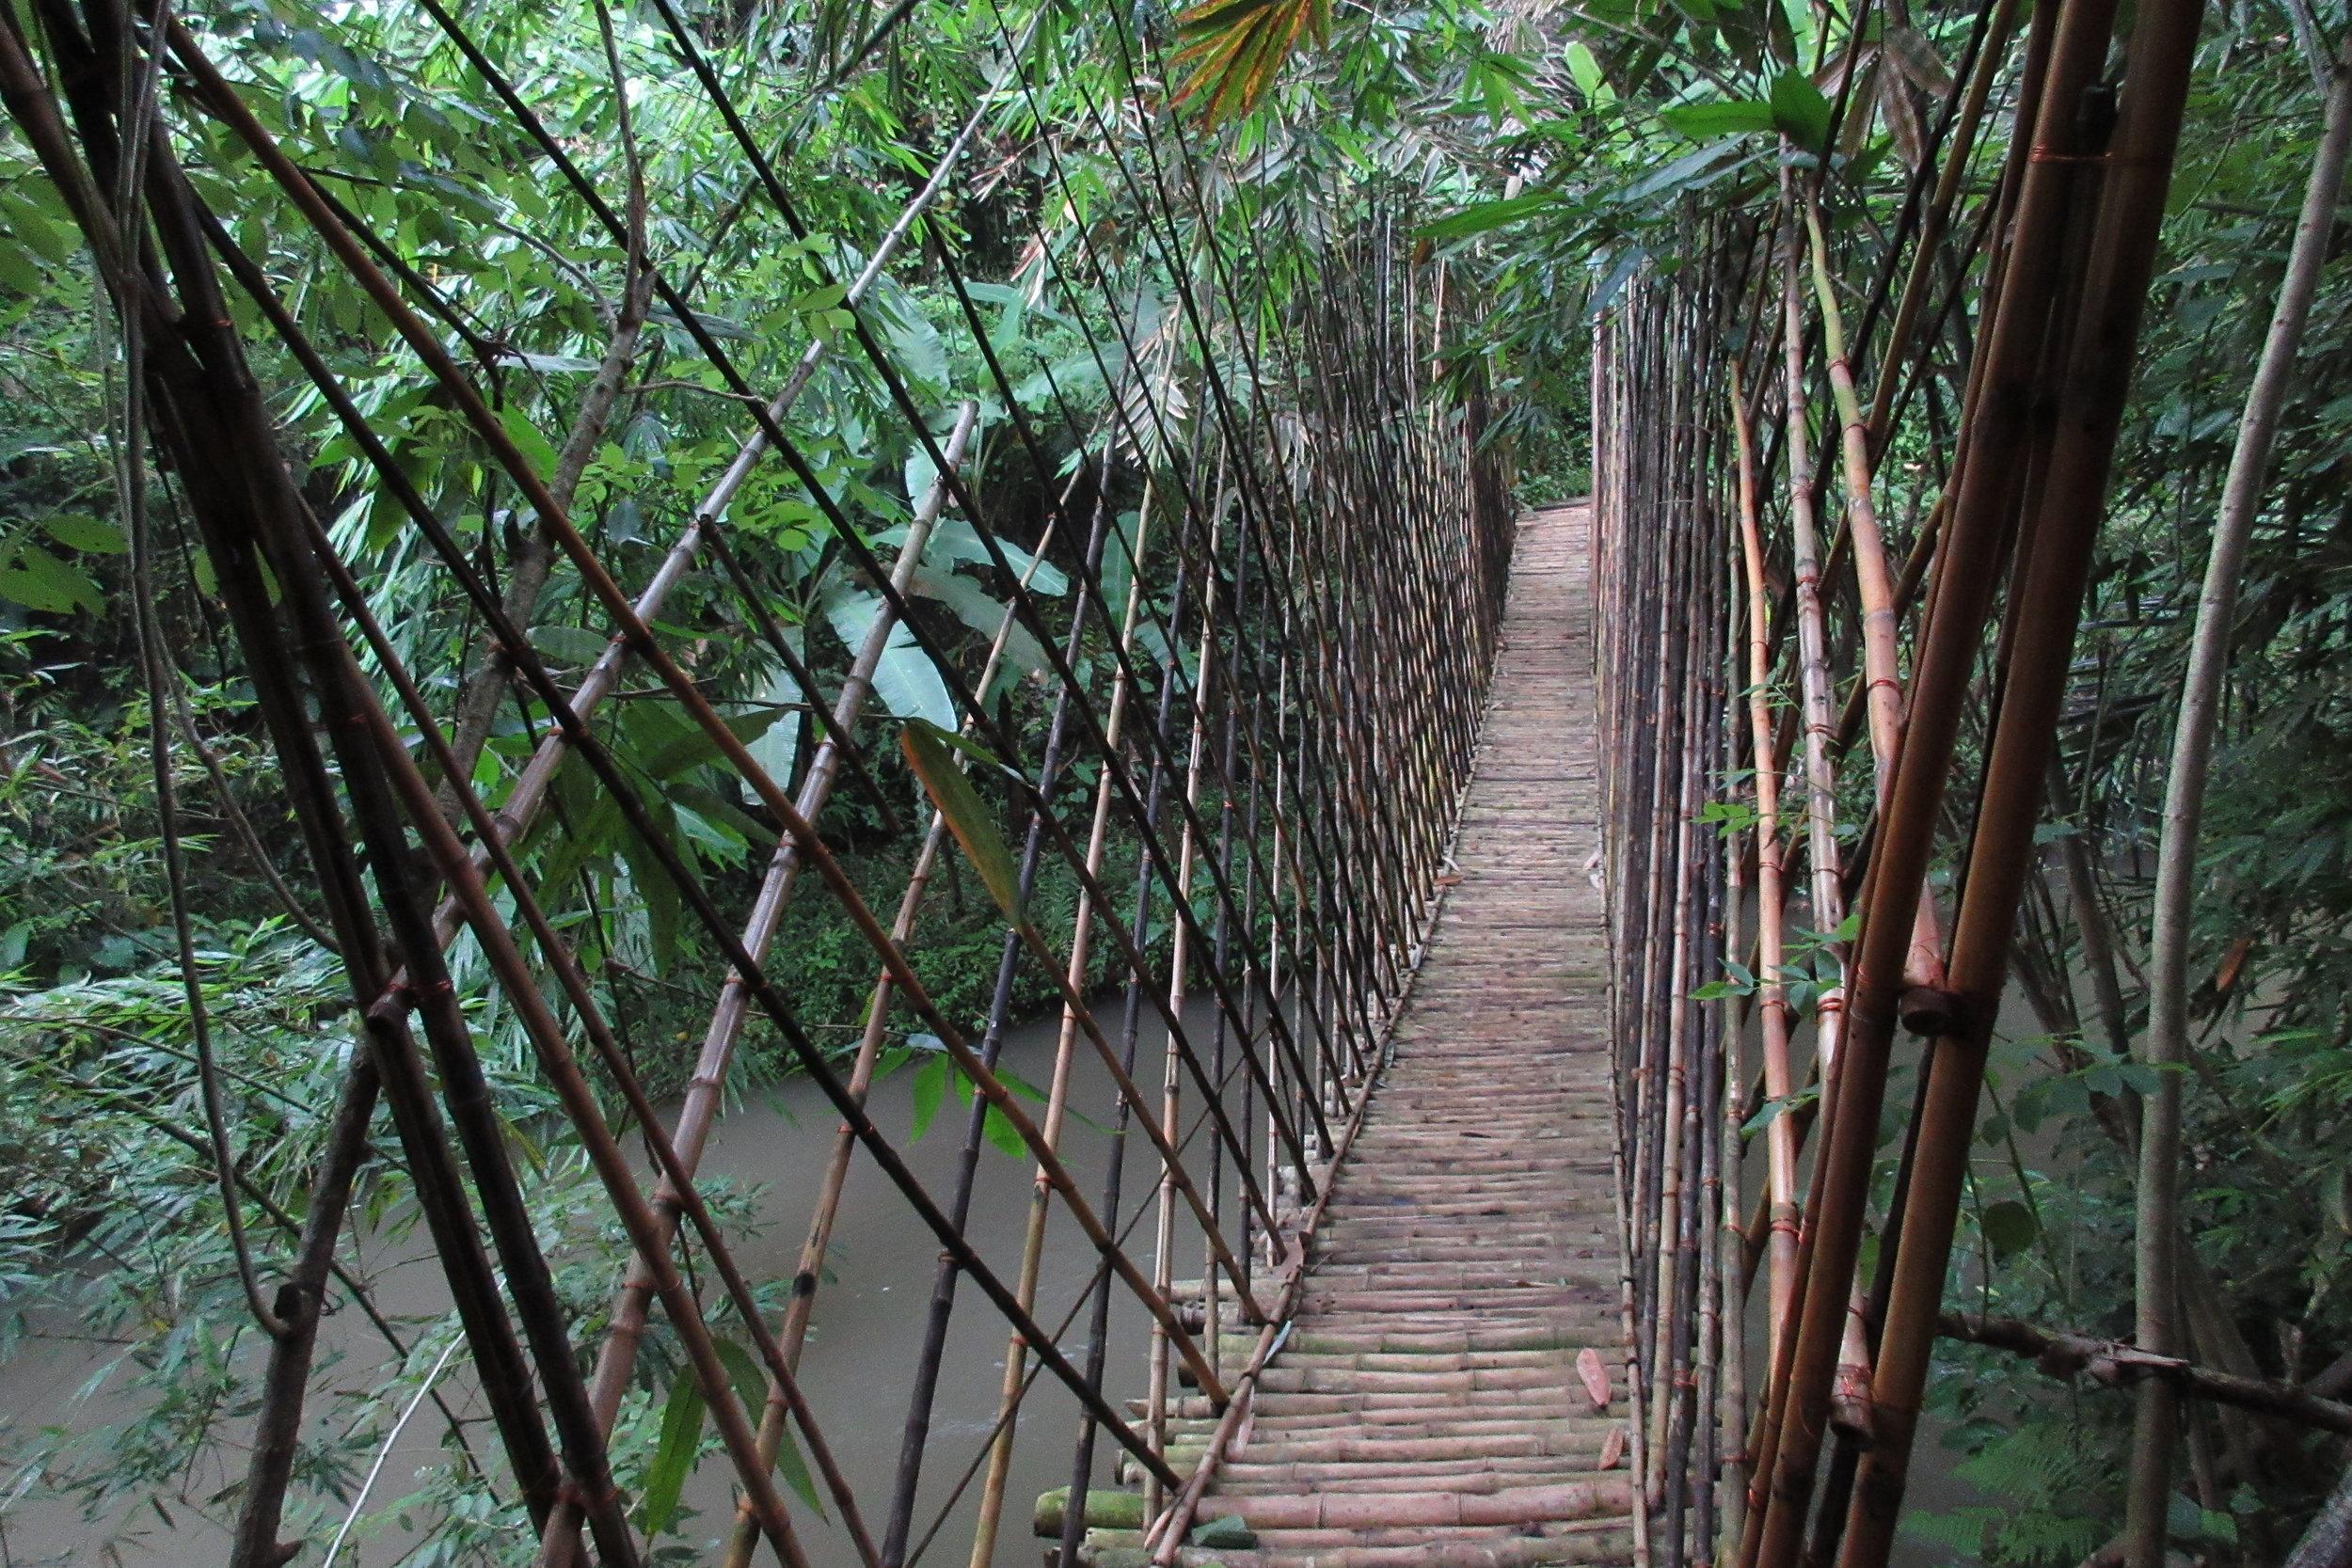 Bambu Indah Ubud – Bamboo suspension bridge